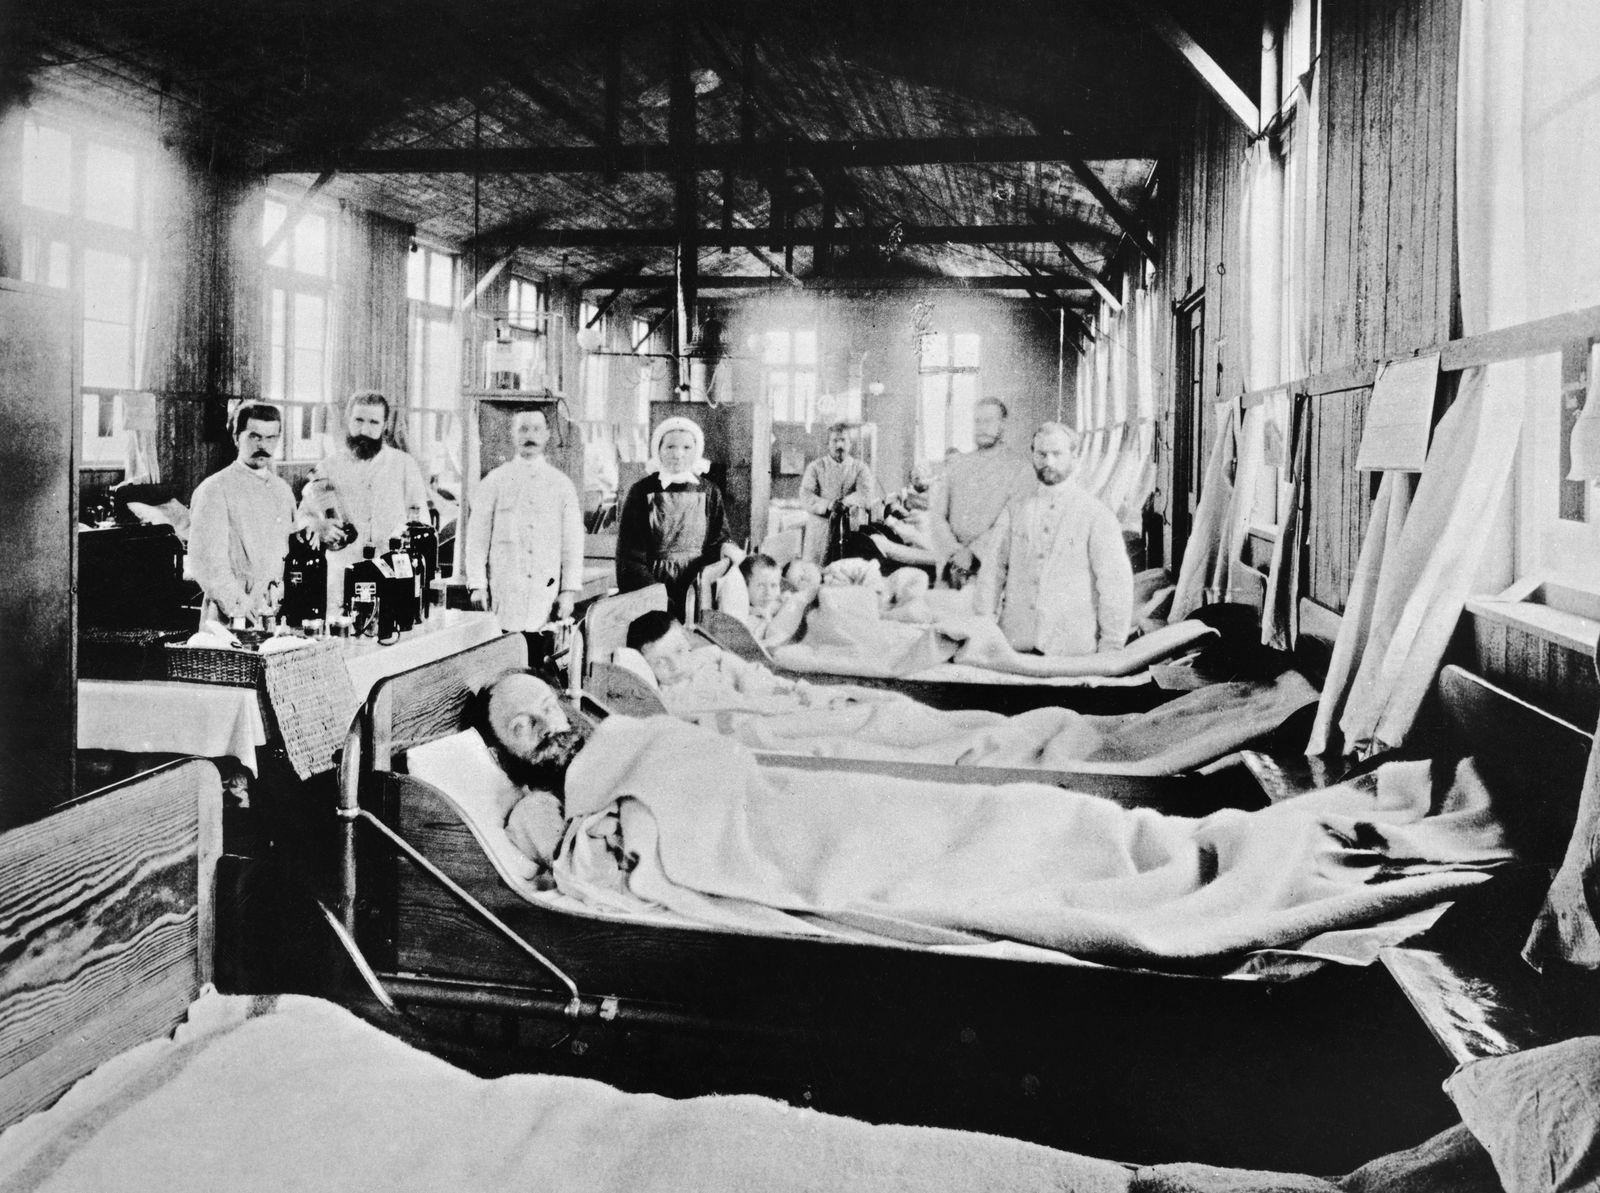 Quarantäne-Baracke in Hamburg-Eppendorf während der Cholera-Epidemie